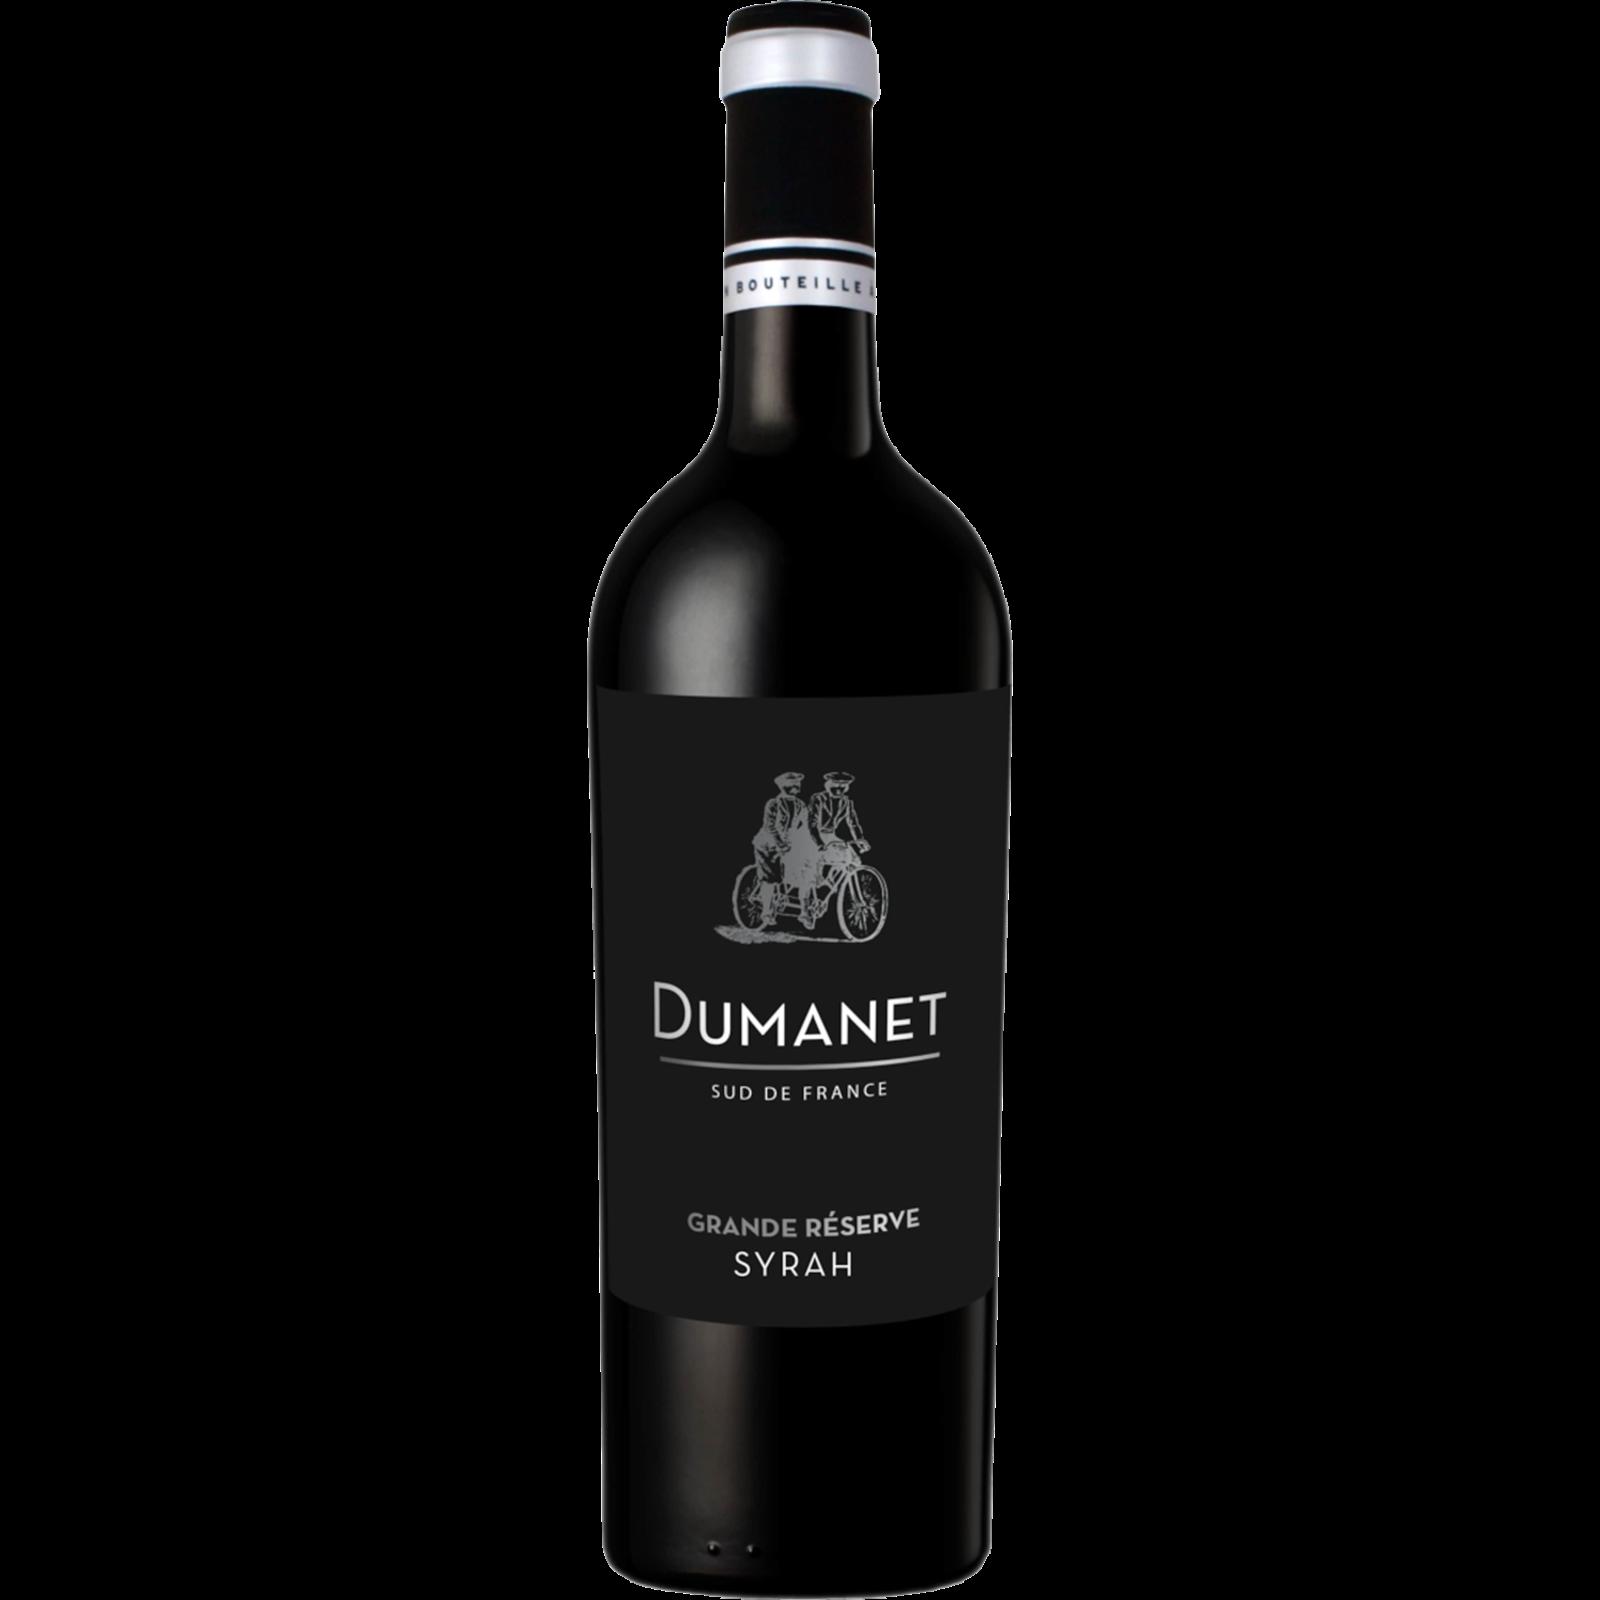 Dumanet Dumanet Syrah Grande Réserve 2020